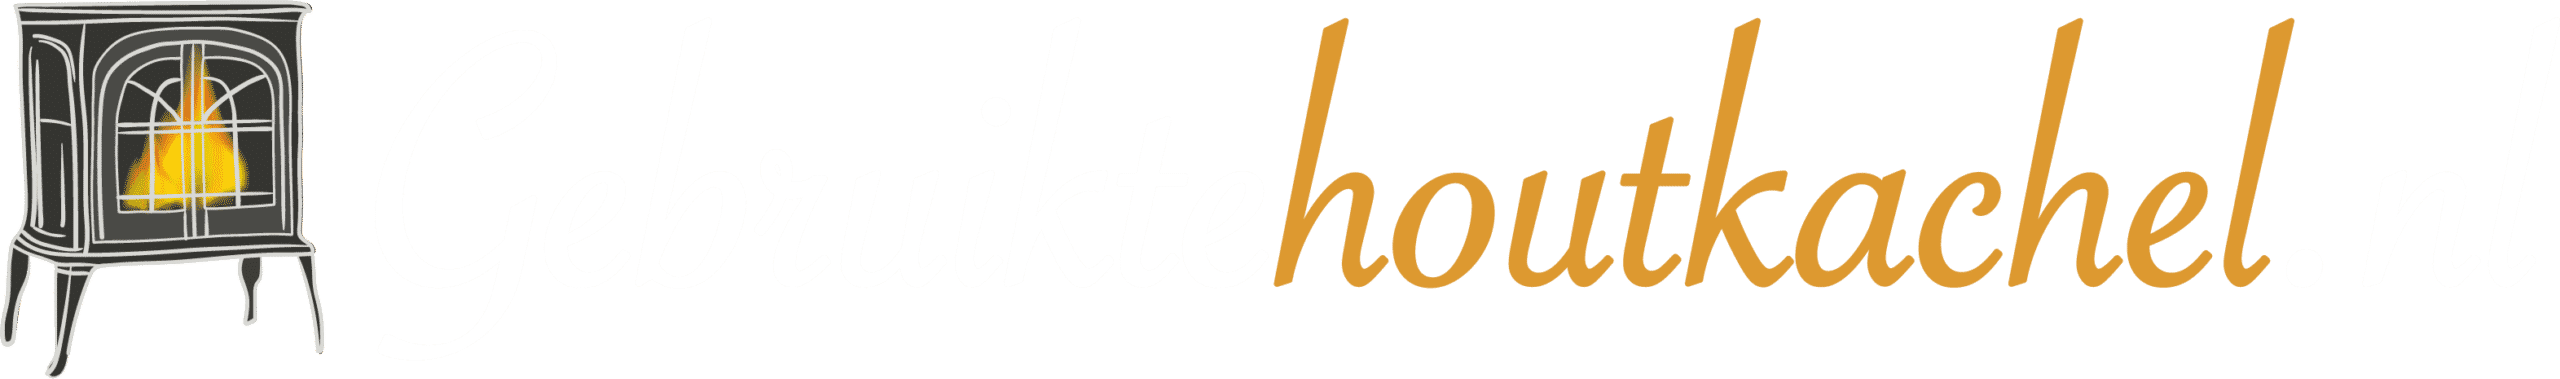 Logo gebruiktehoutkachel.nl